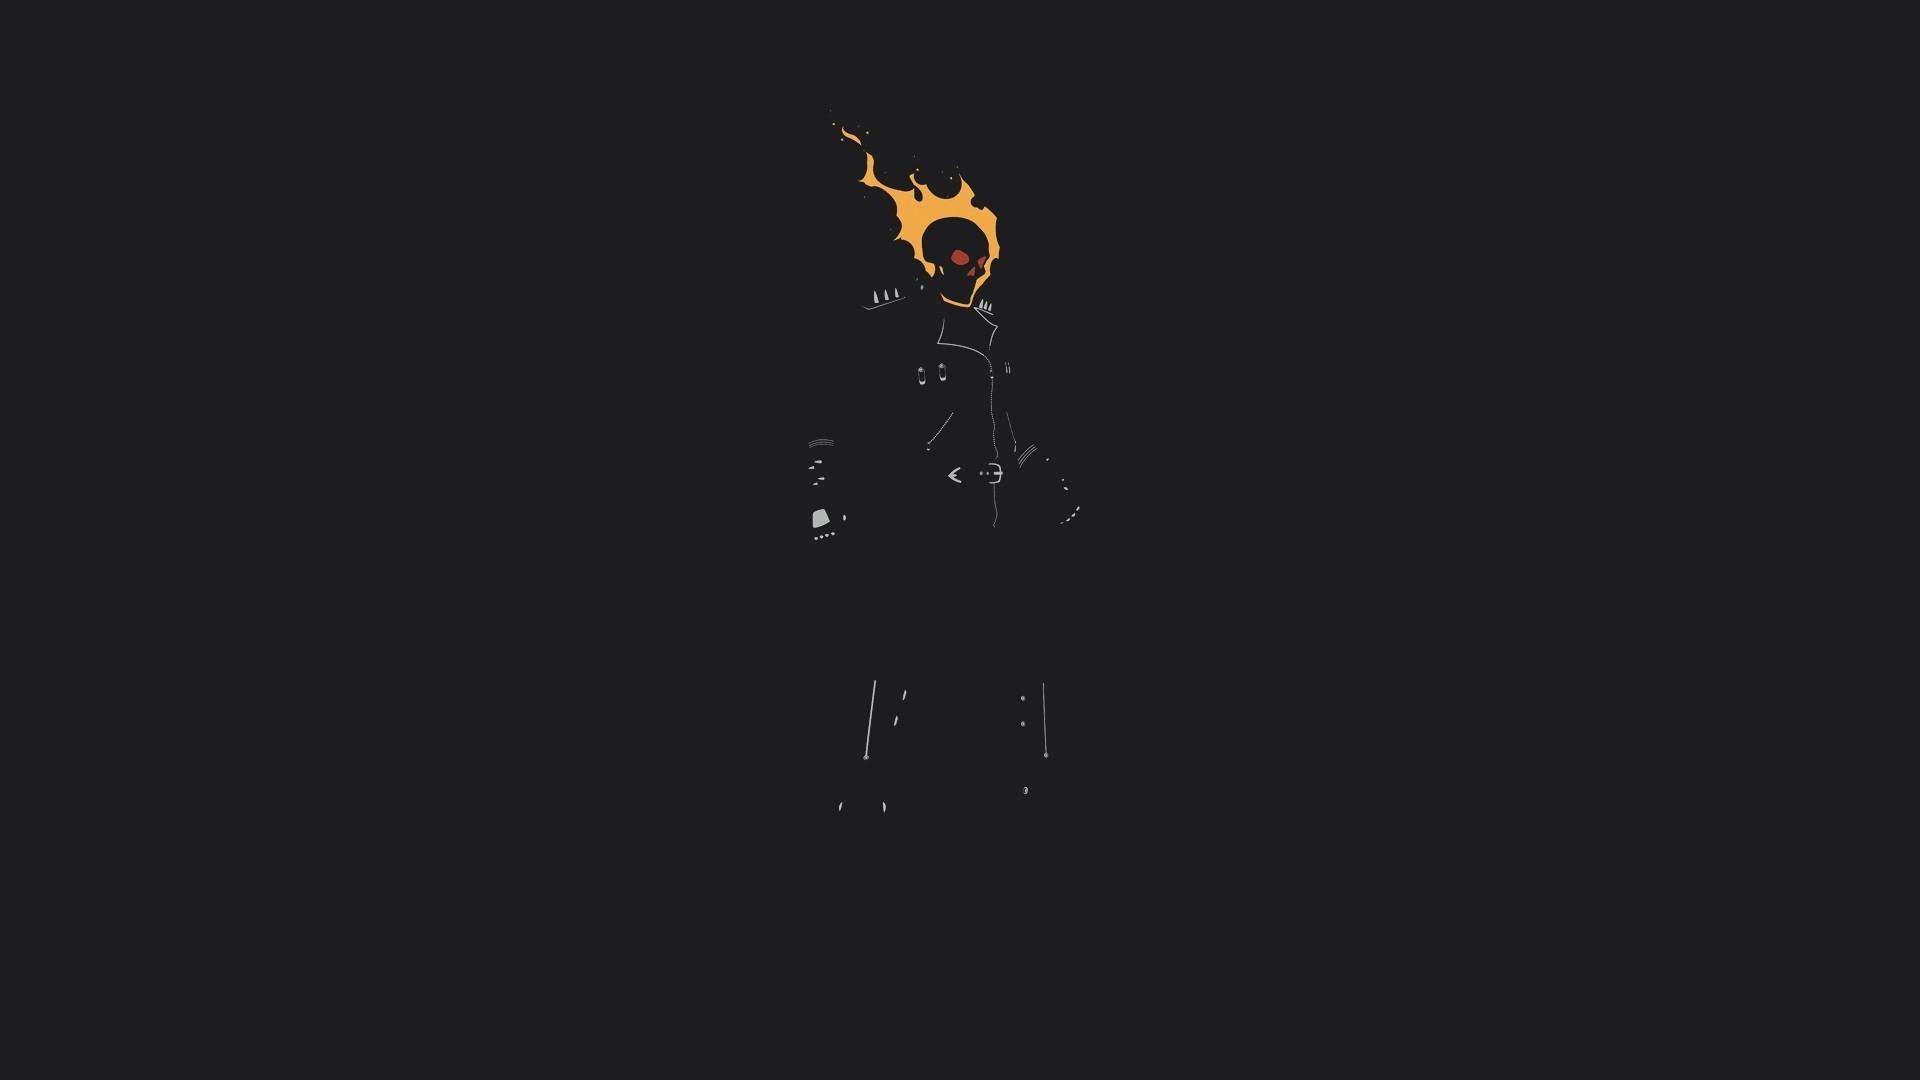 デスクトップ壁紙 ダーク ミニマリズム 映画 ロゴ 火災 単純な